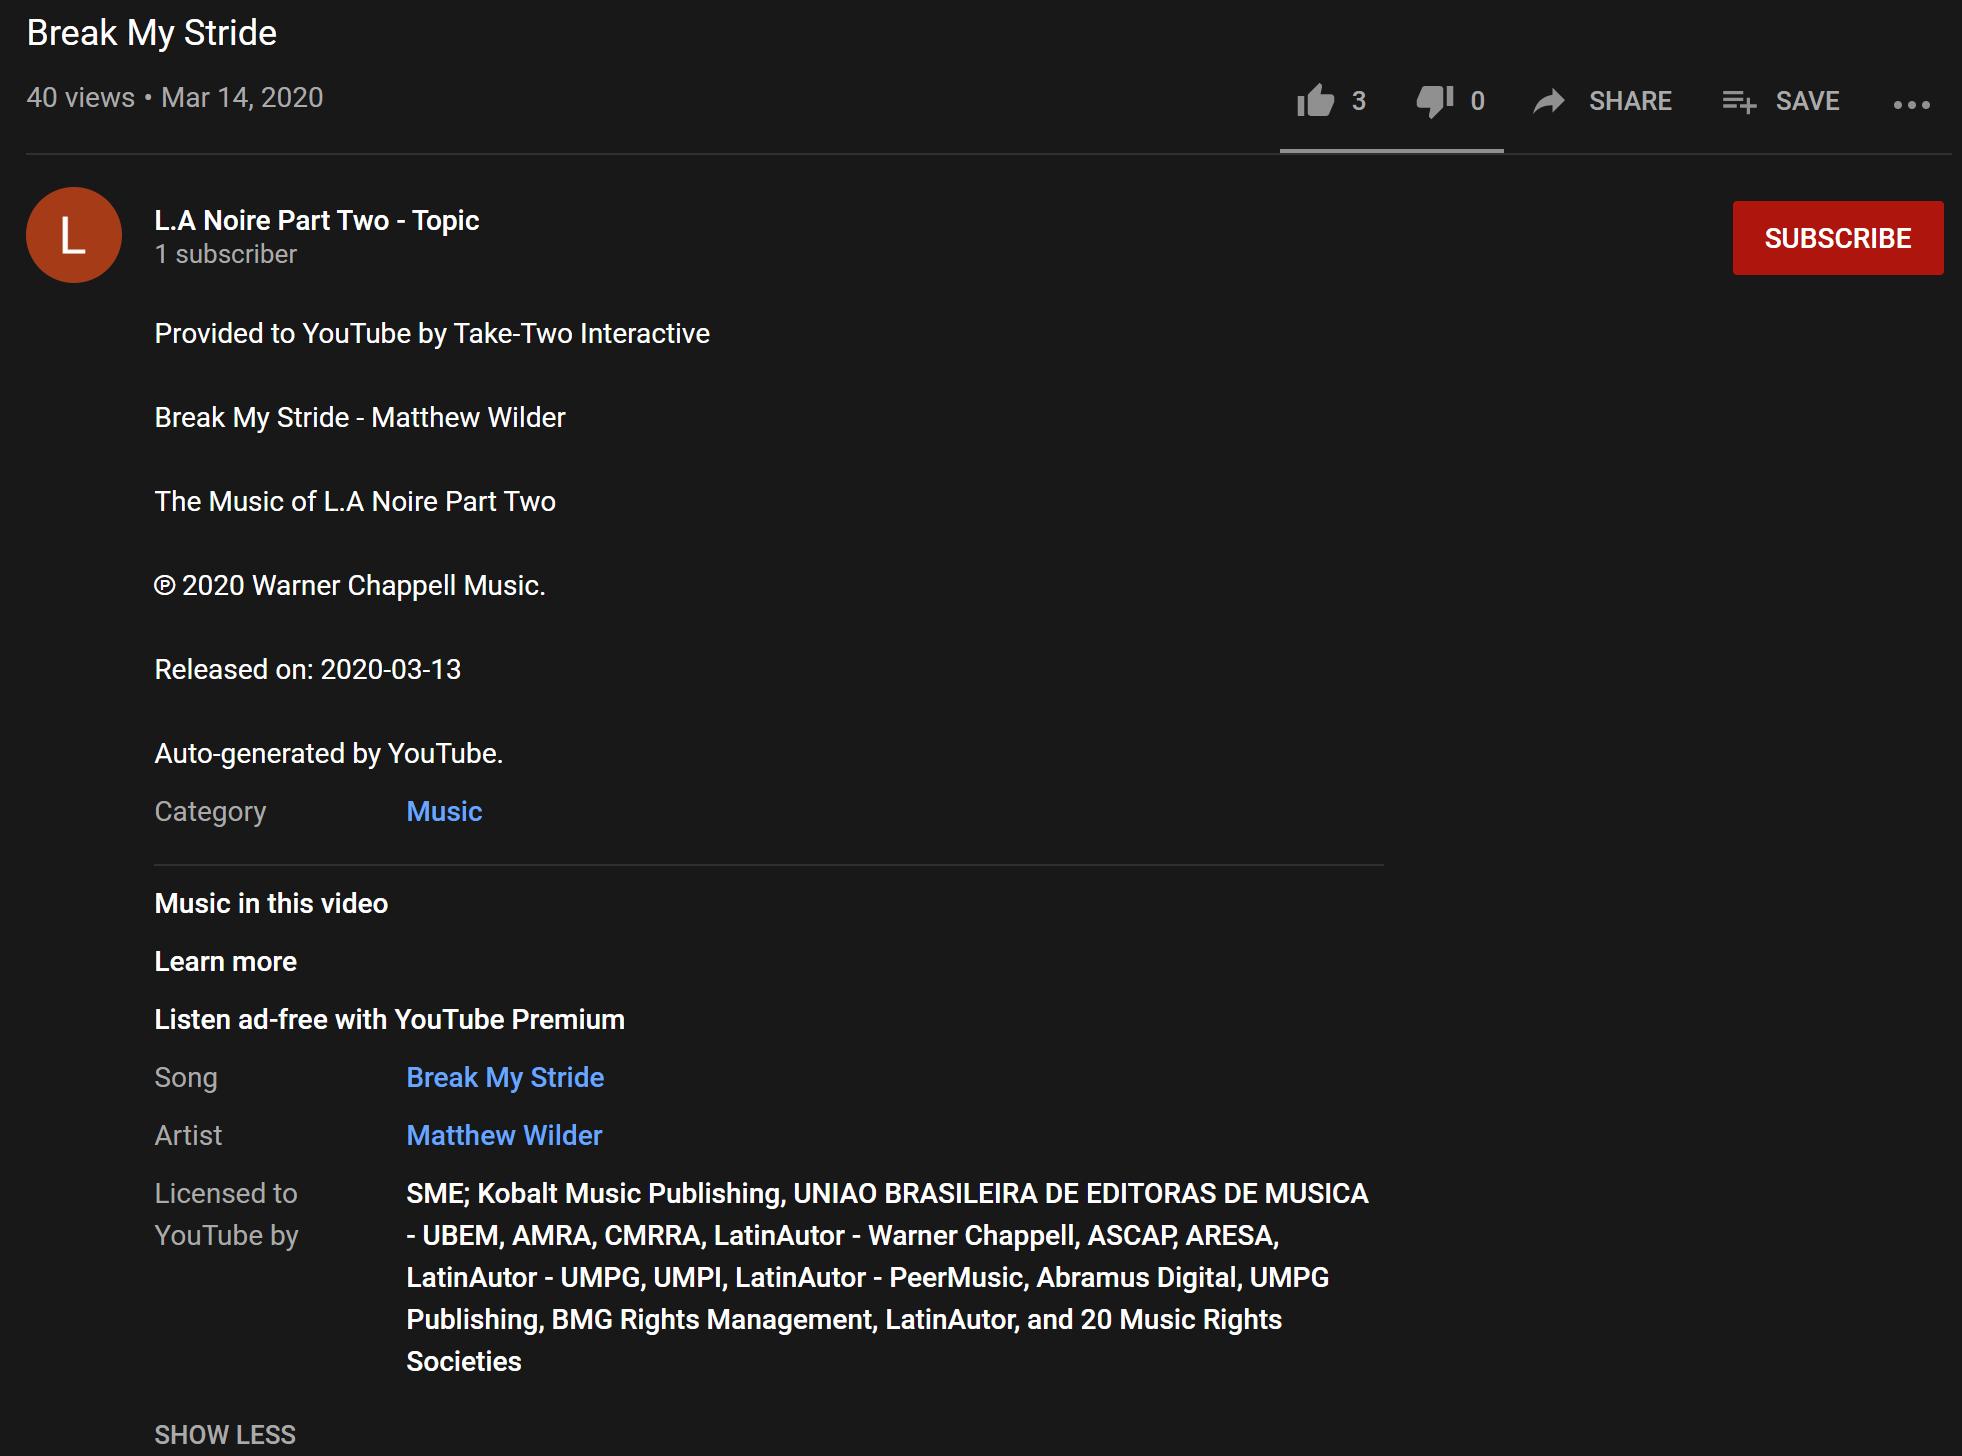 Сиквел L.A. Noire в разработке? Сегодня был обнаружен YouTube-канал 'L.A. Noire Part Two - Topic'